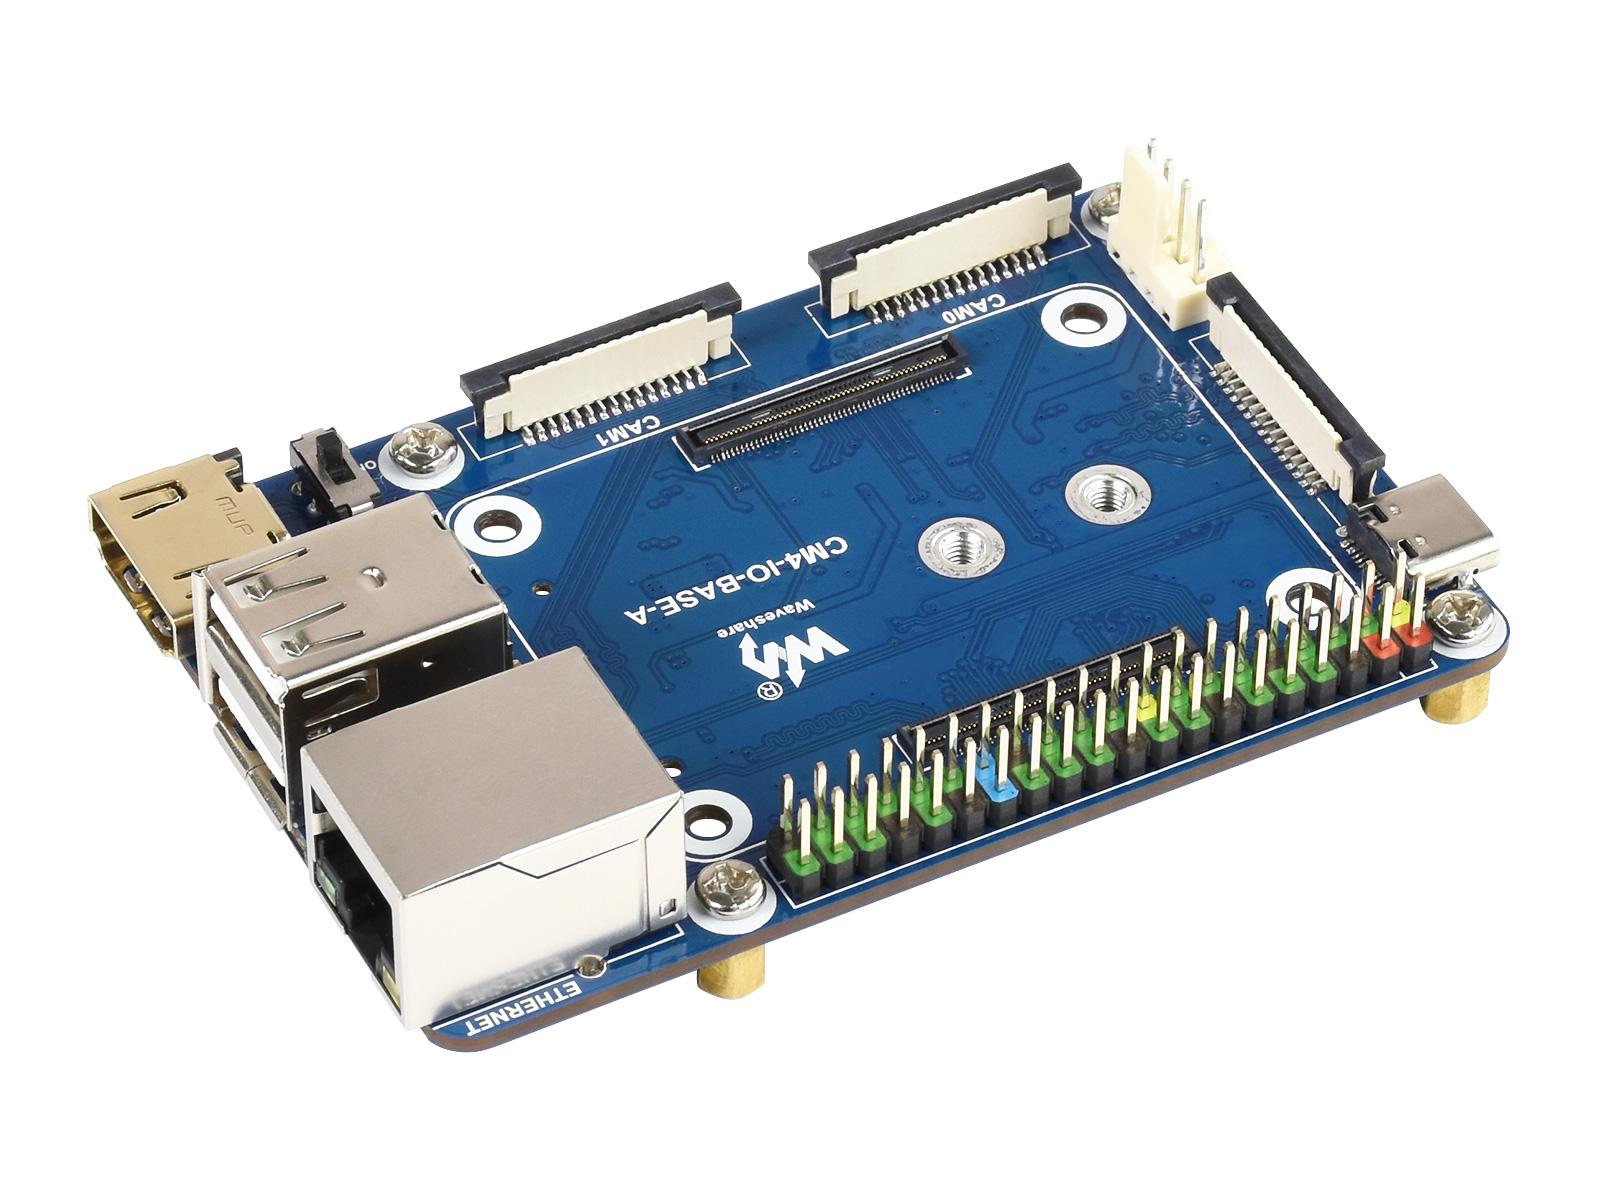 树莓派迷你Compute Module 4基础扩展板精简版 计算模块核心板底板